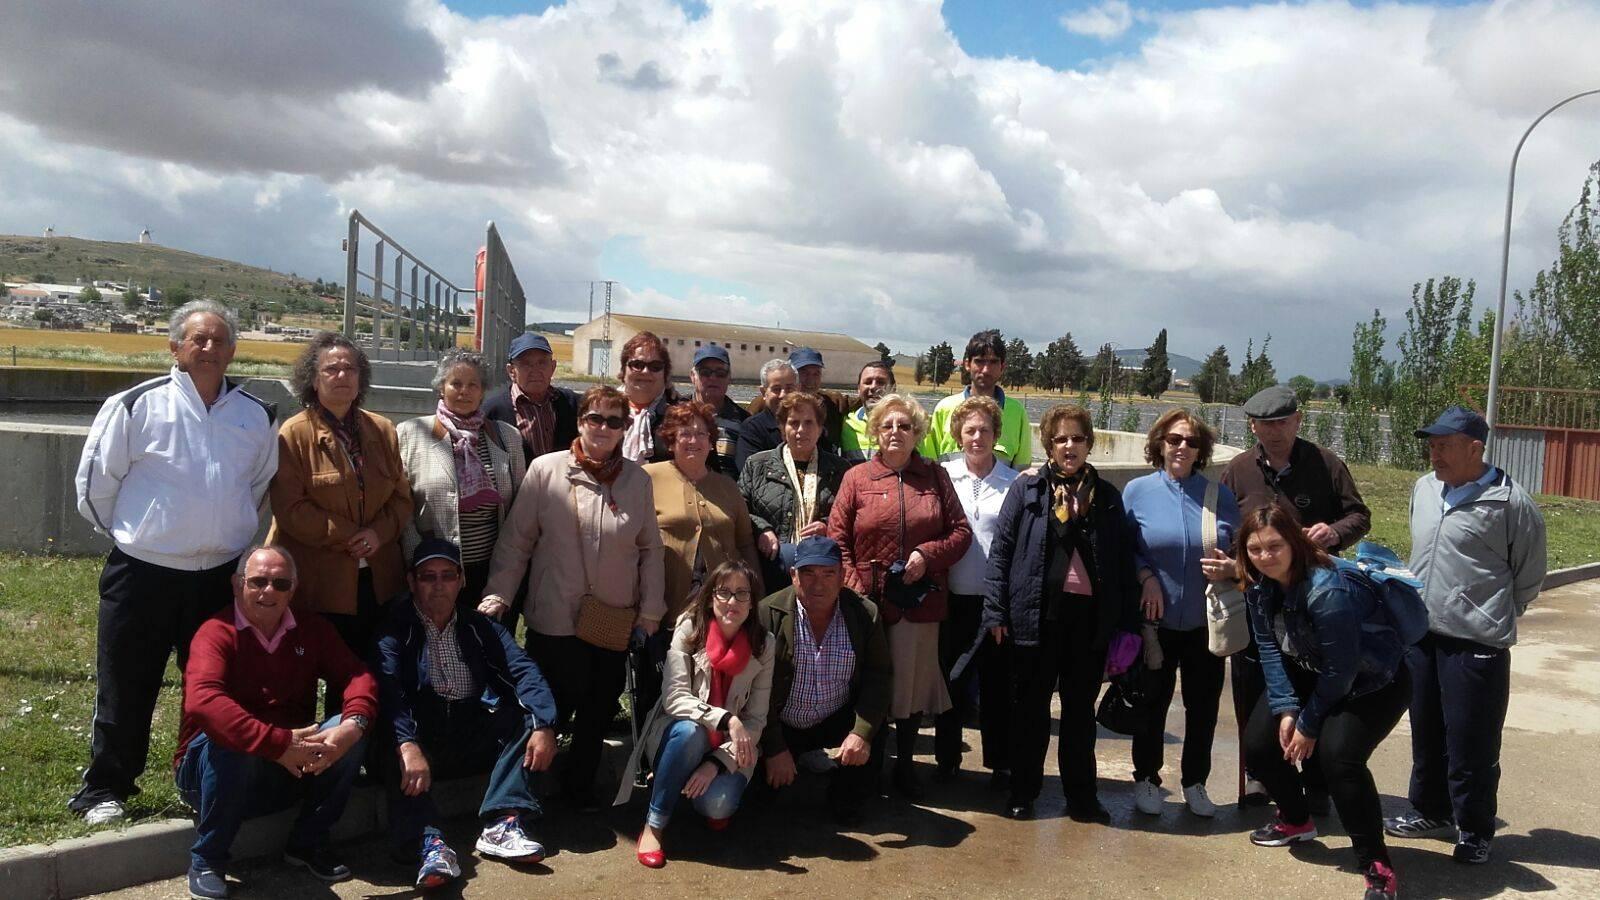 visita mayores planta tratamiento aguas - Los mayores de Herencia conocen las instalaciones de tratamiento de agua potable y depuración de agua residual